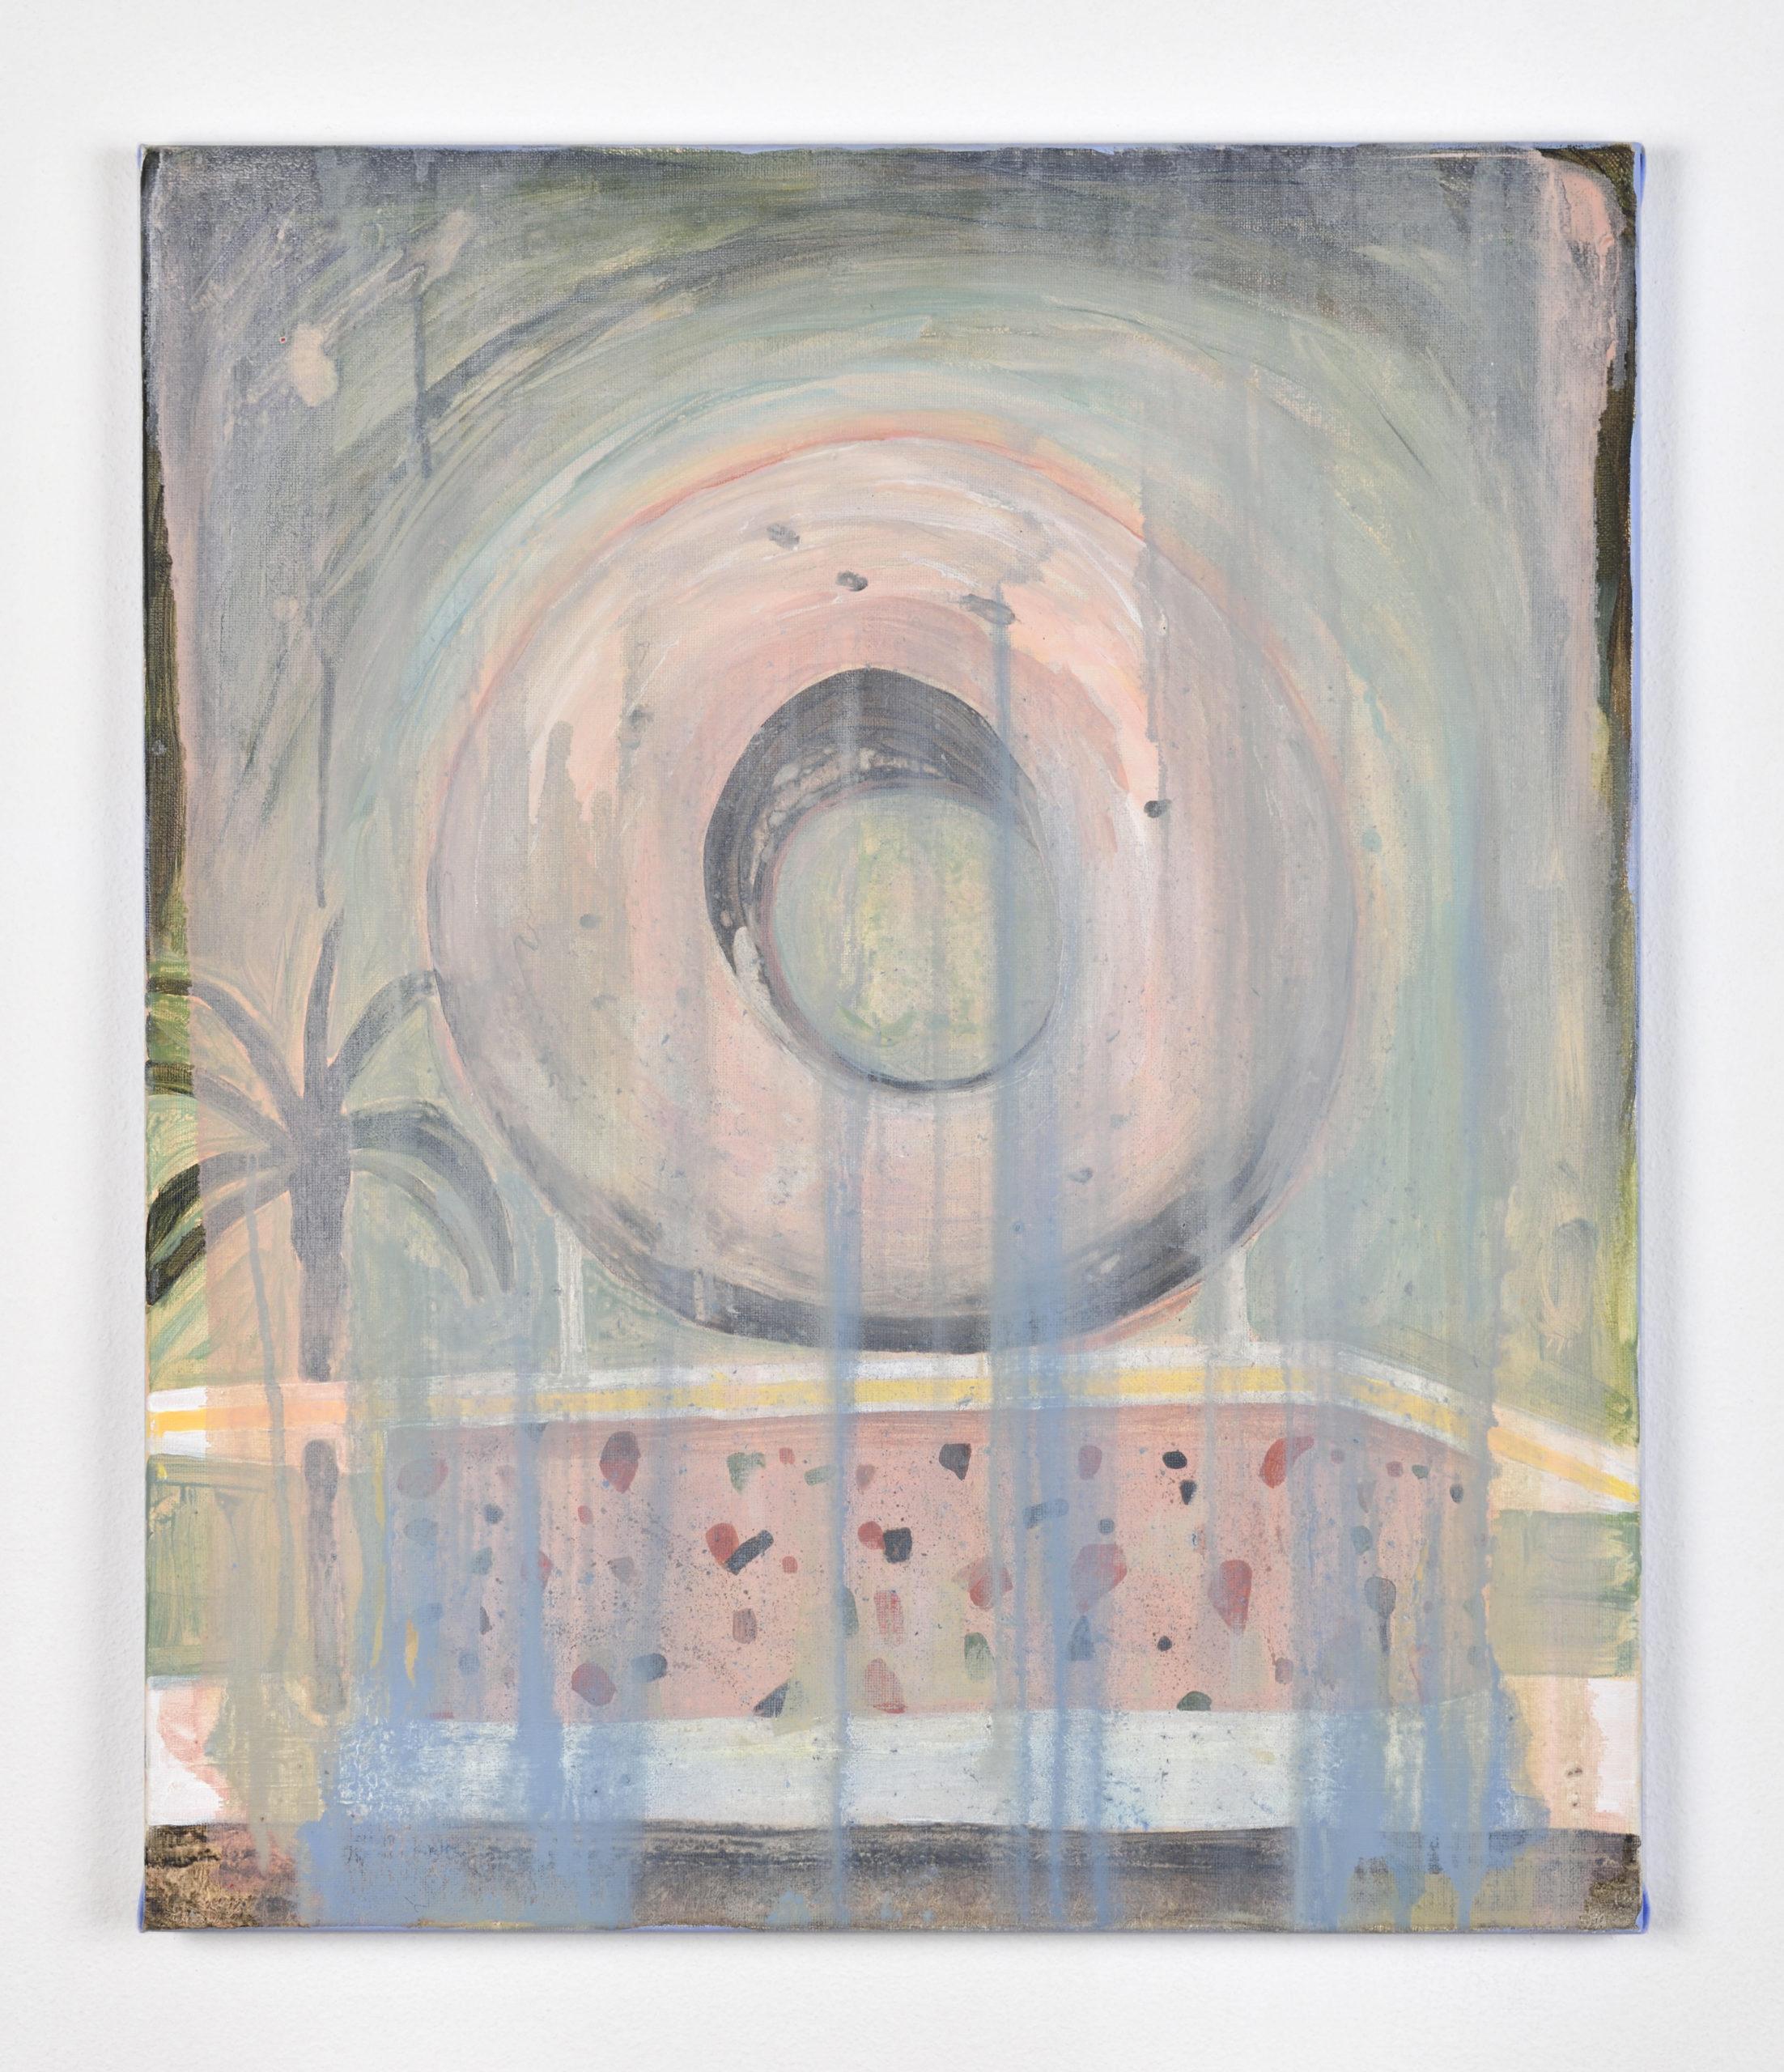 Vanessa Fanuele / Domus crisp / Huile sur toile - Oil on canvas / 60 x 50 cm / 2020